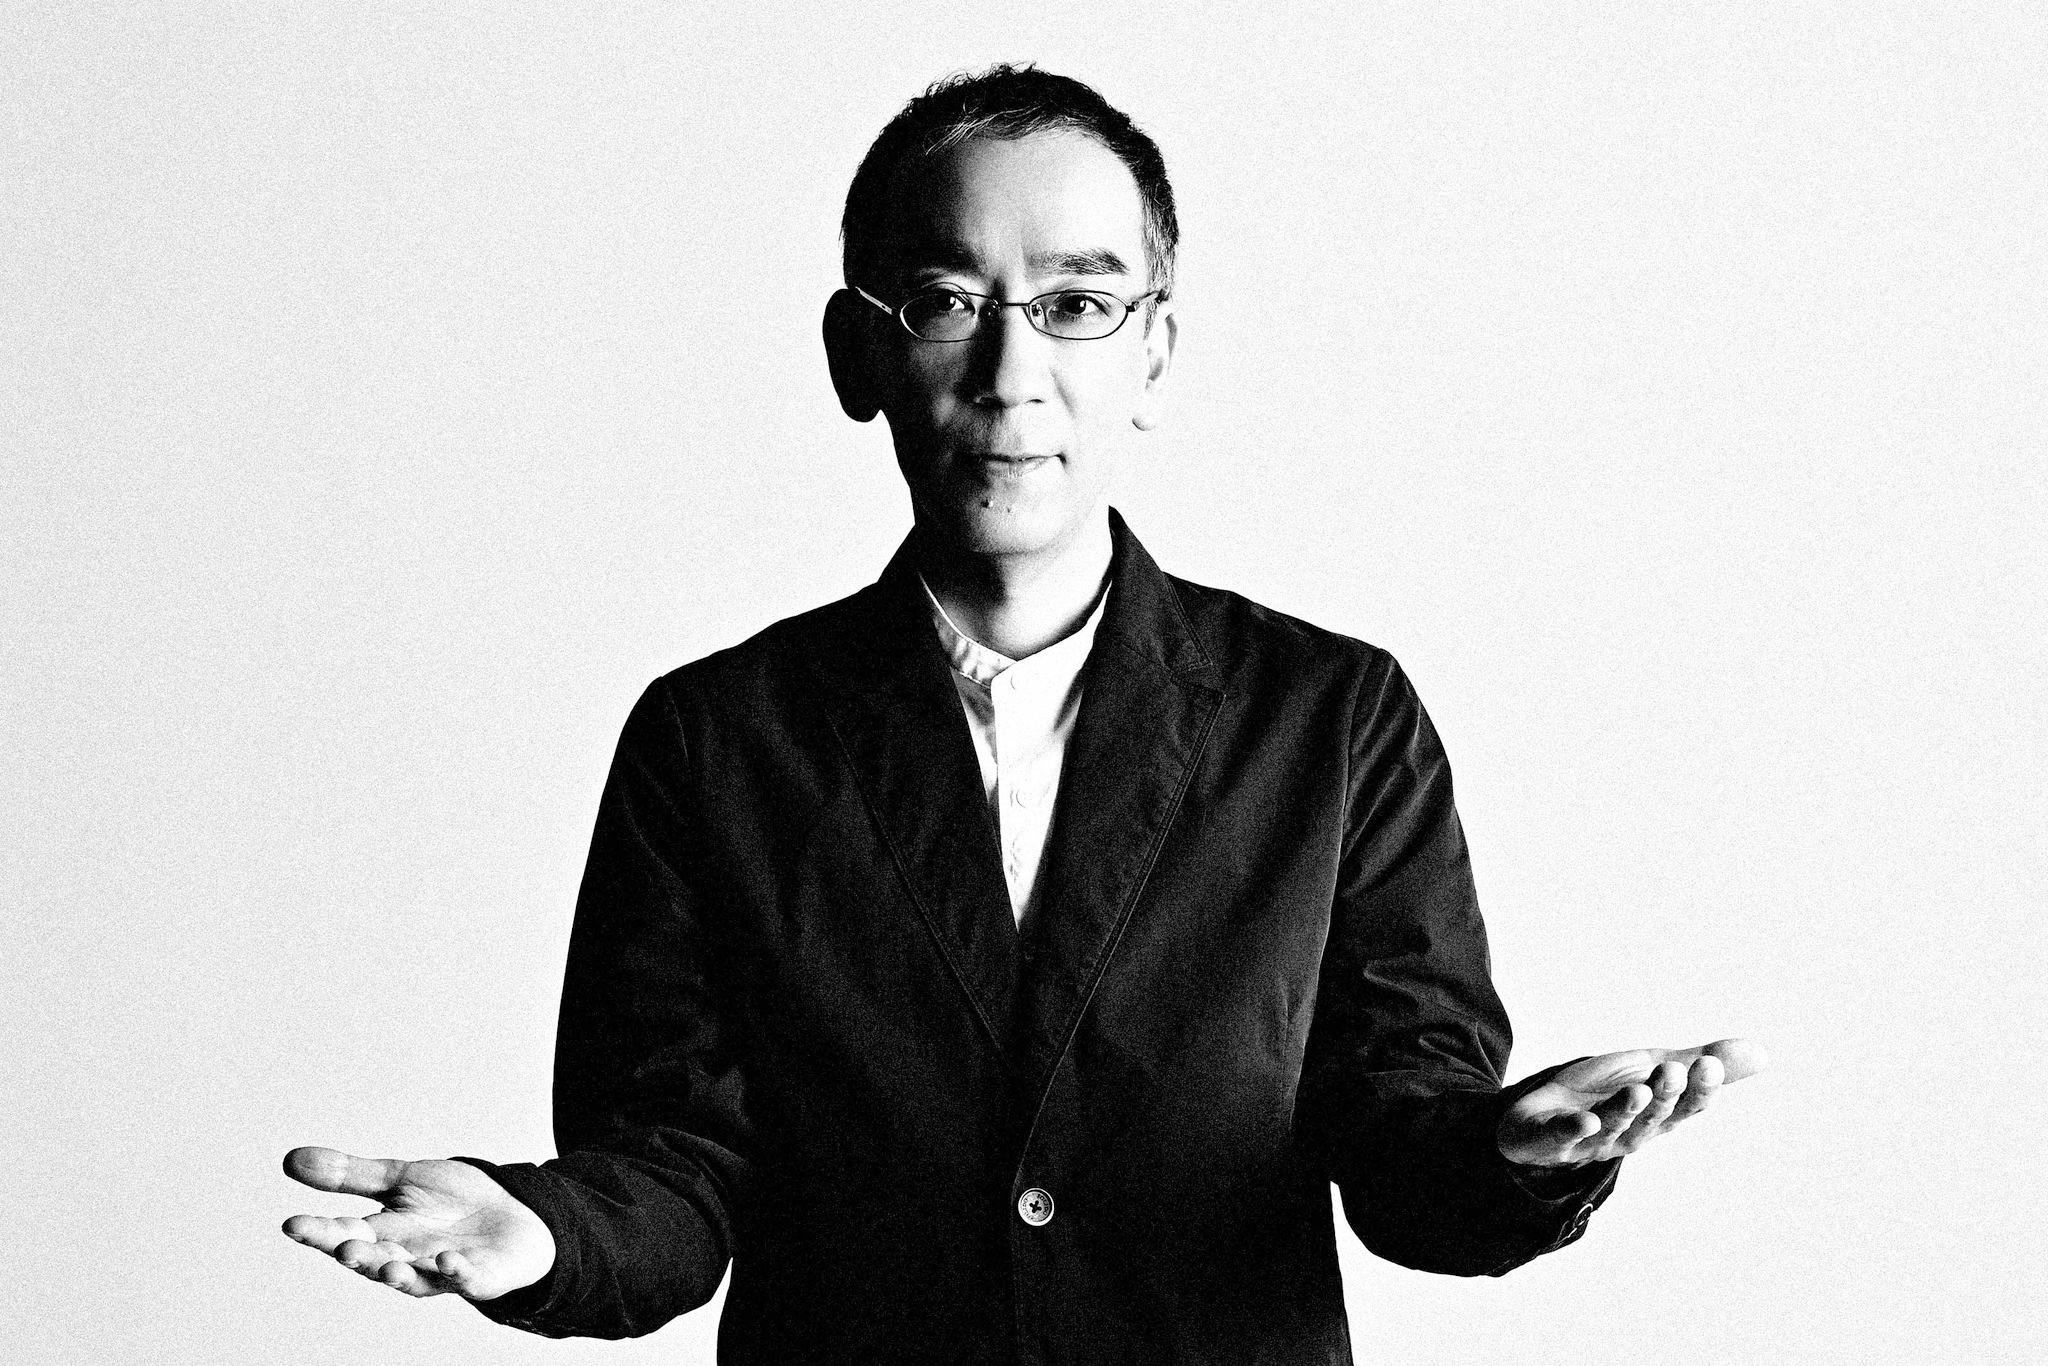 【新垣隆】解明不能な哲学的命題